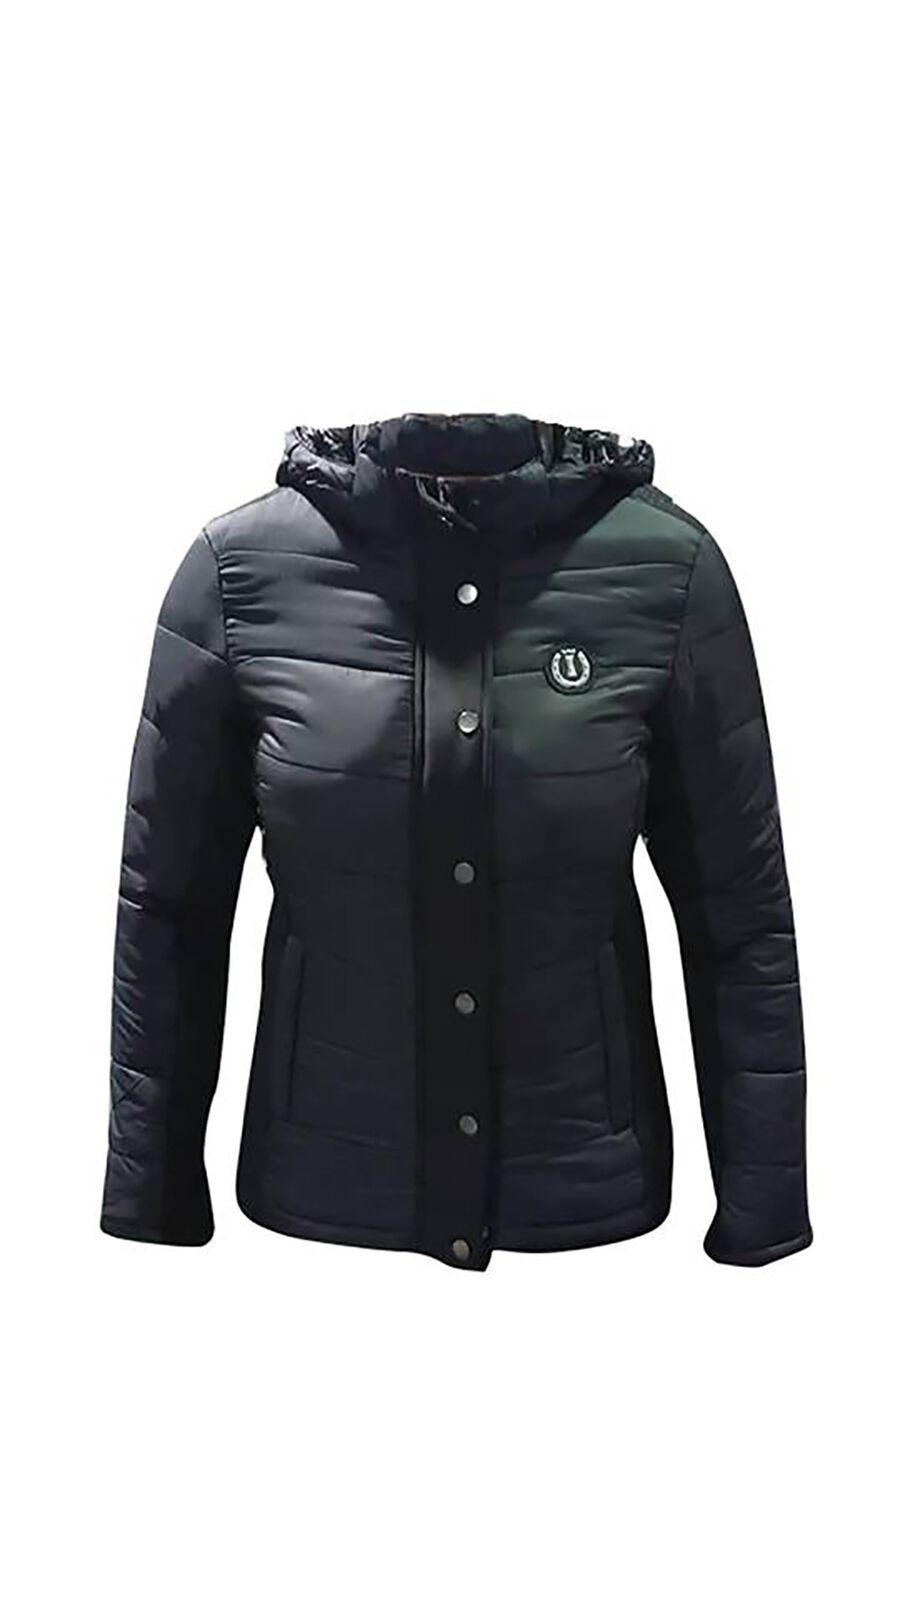 Imperial Equitación Chaqueta de moda  más calientes-KL36318000  El nuevo outlet de marcas online.